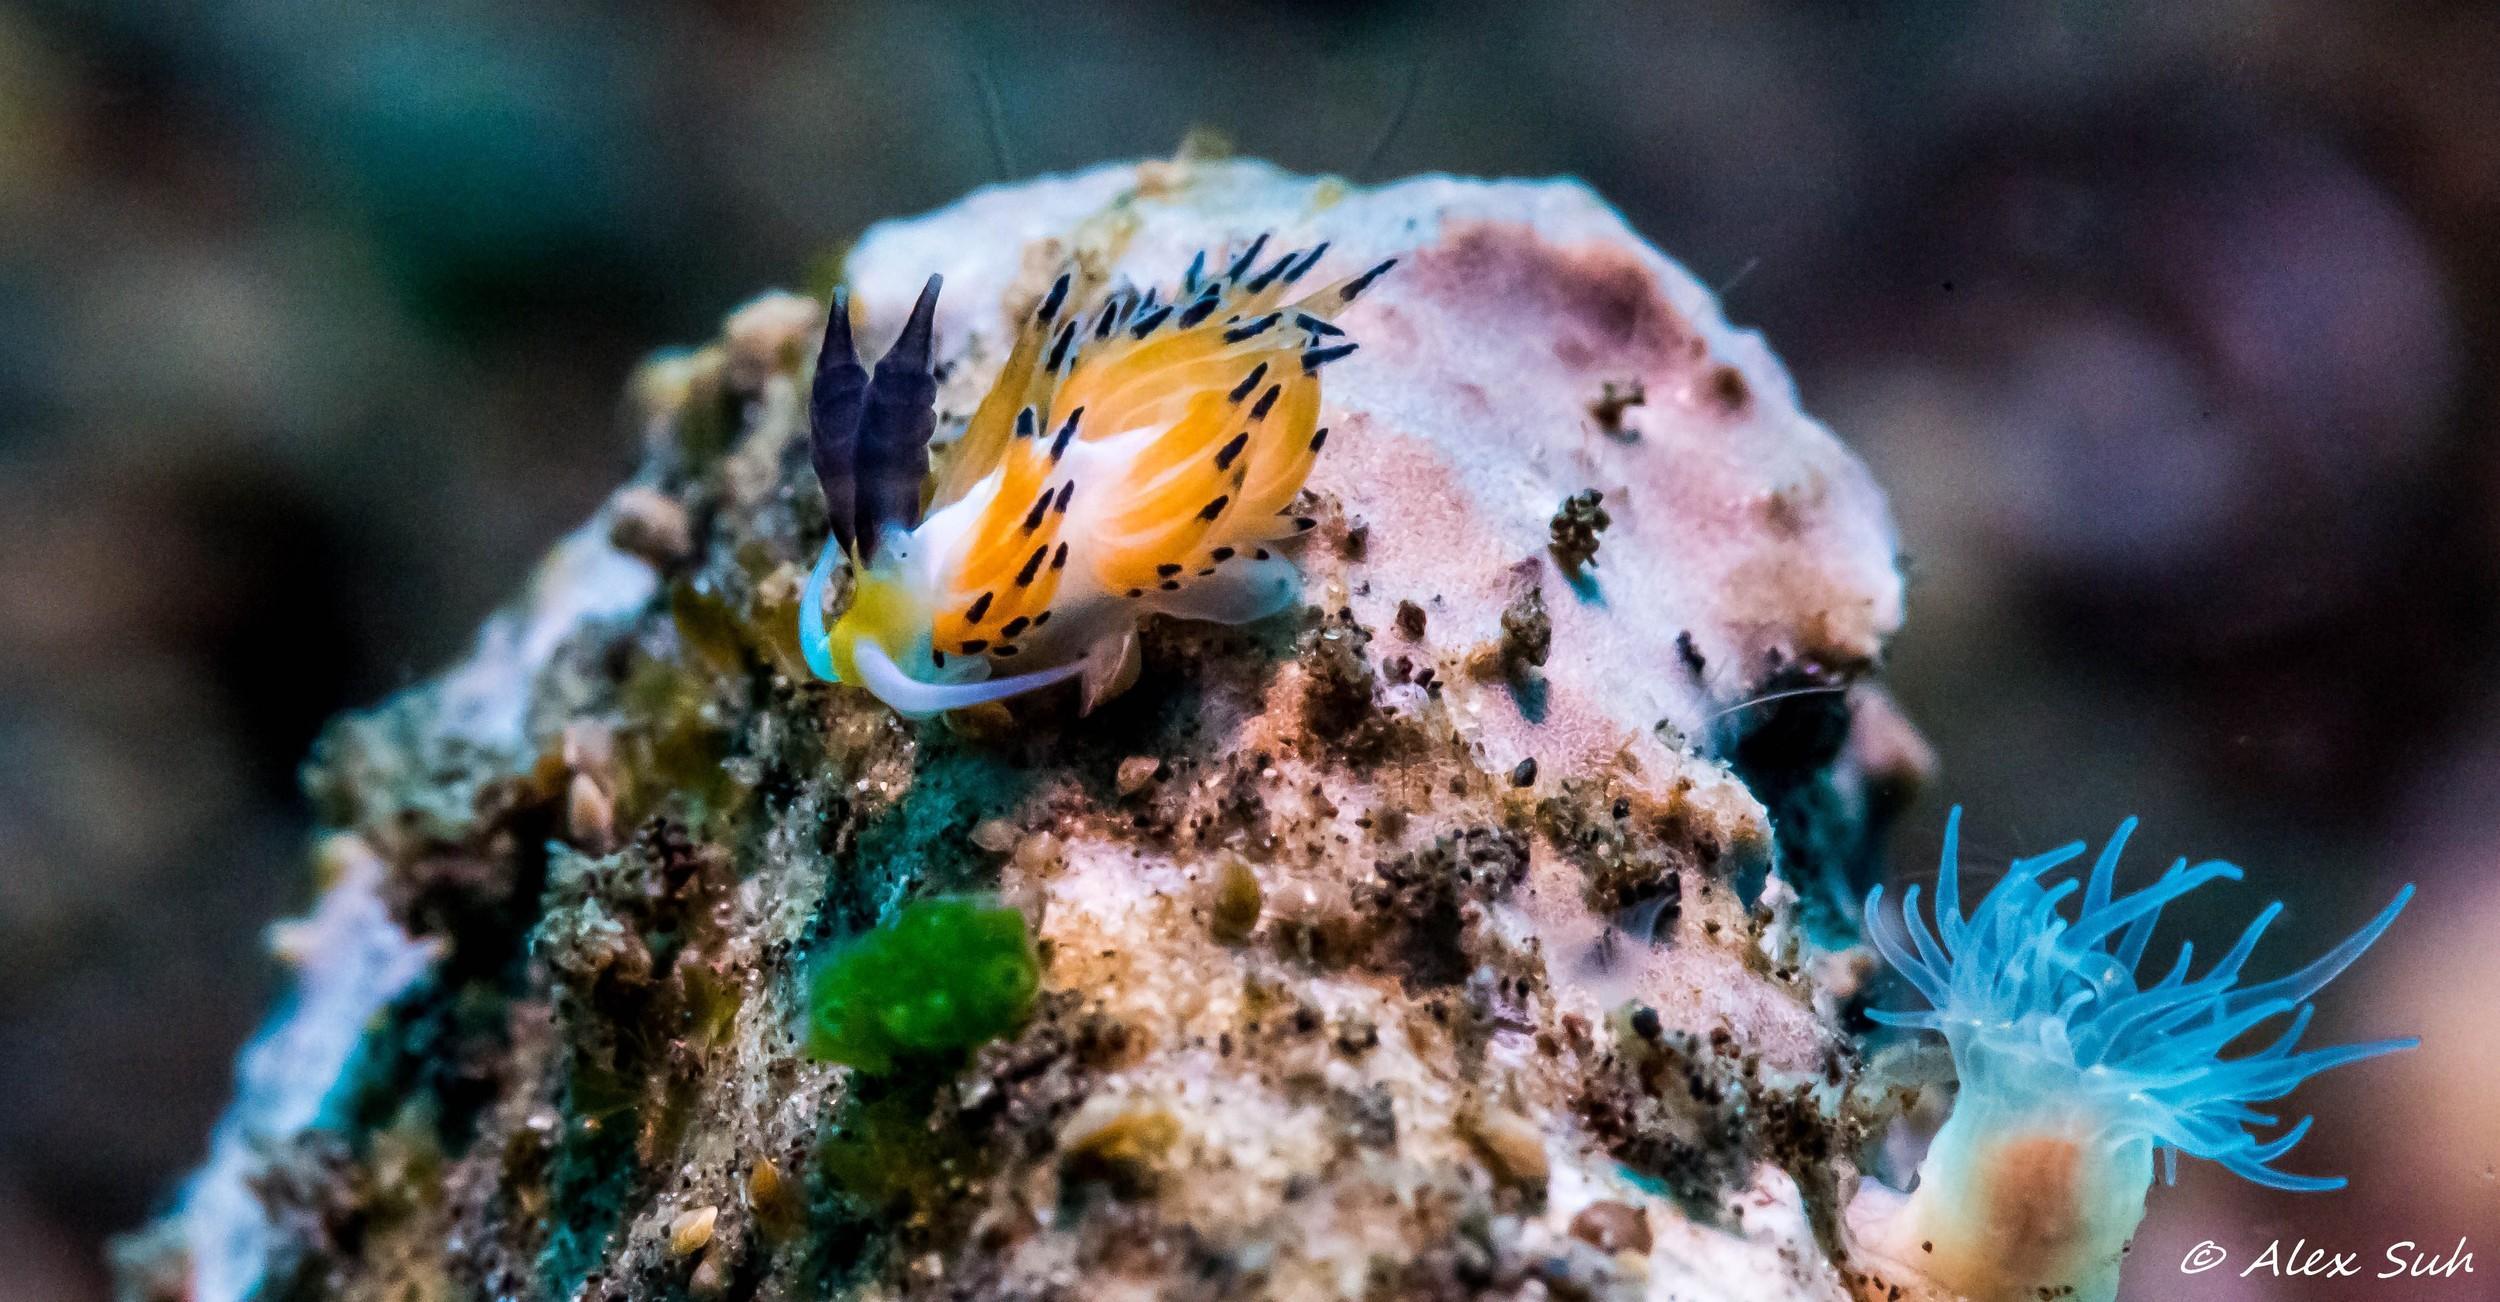 Ringed Nudibranch (Favorinus tsurganus)